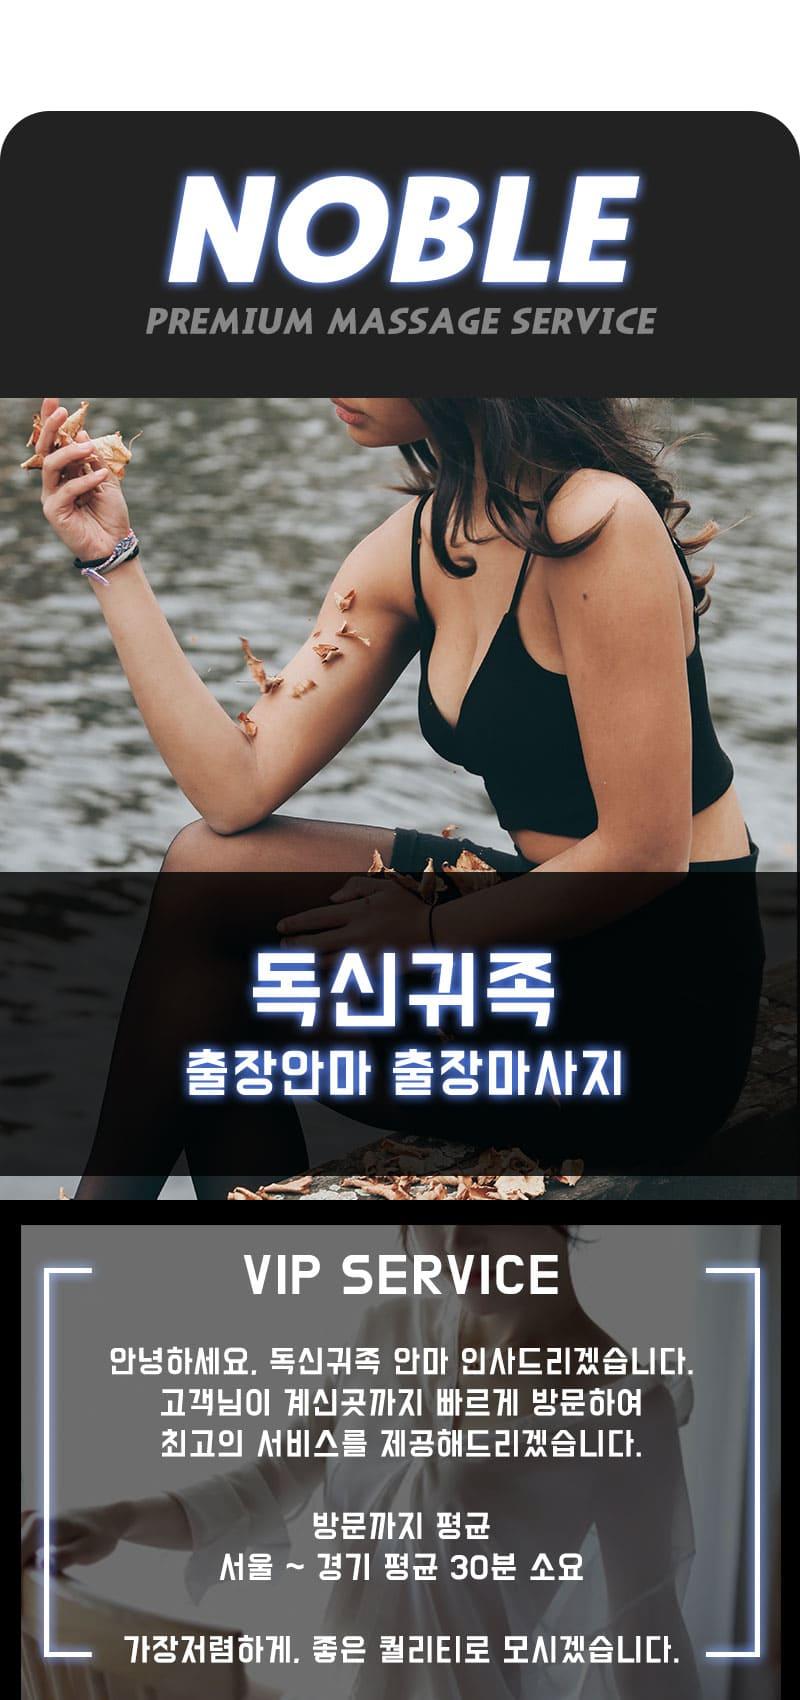 수원출장안마 소개